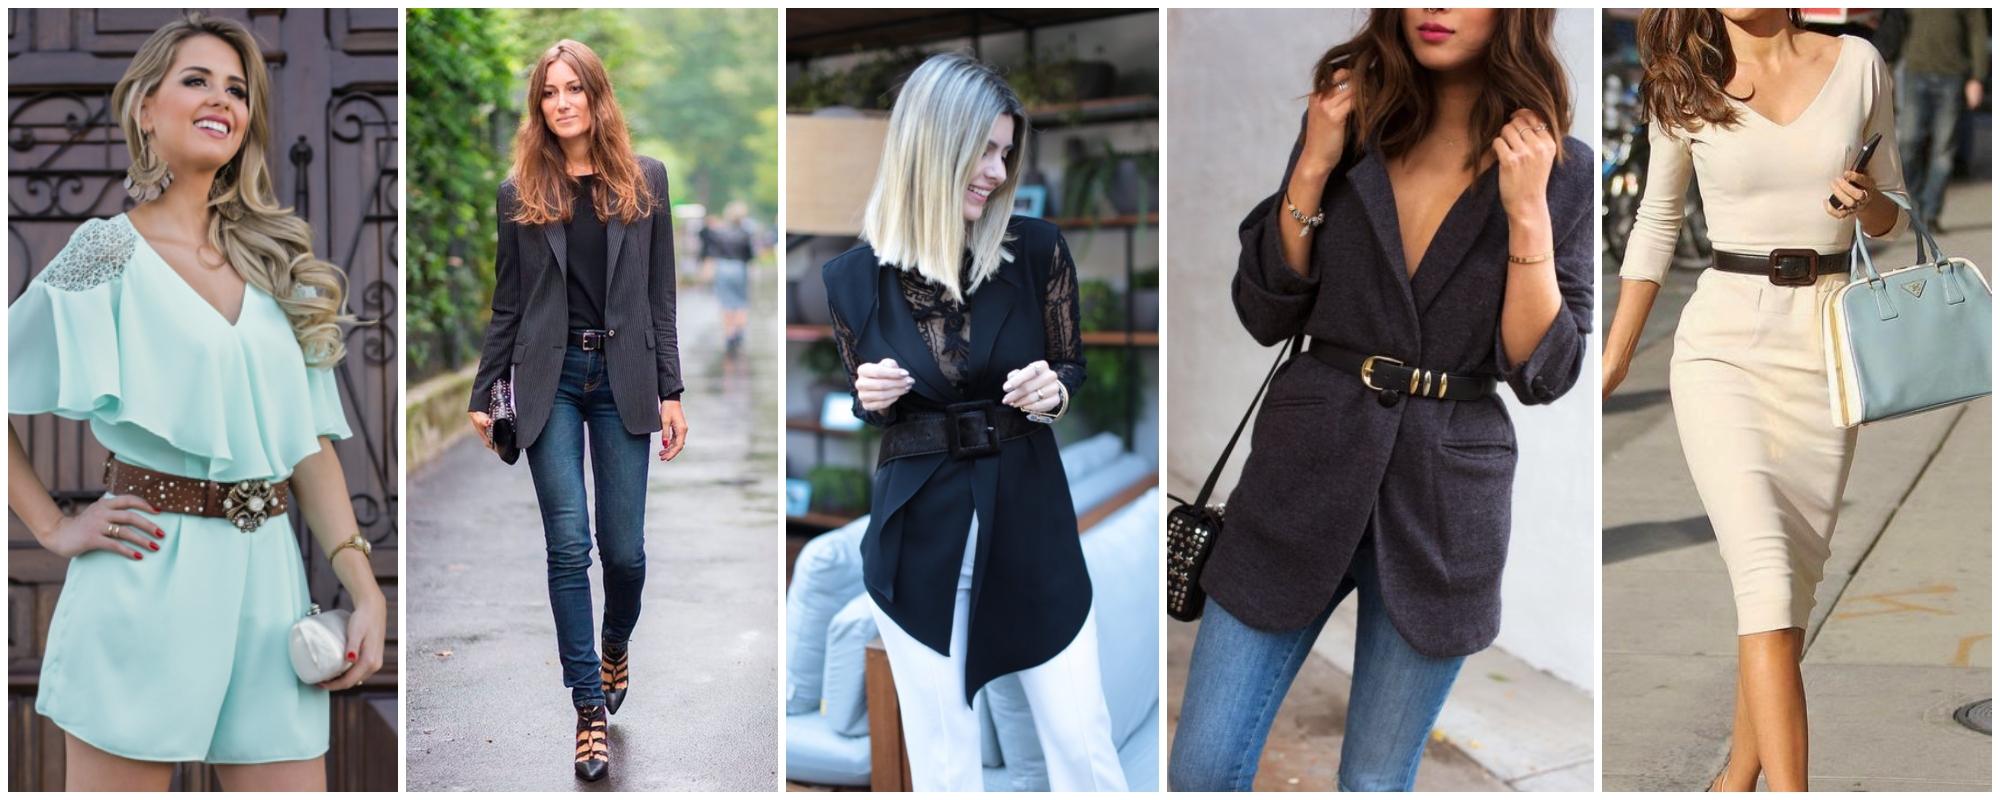 Como usar cinto feminino que combine com a roupa?